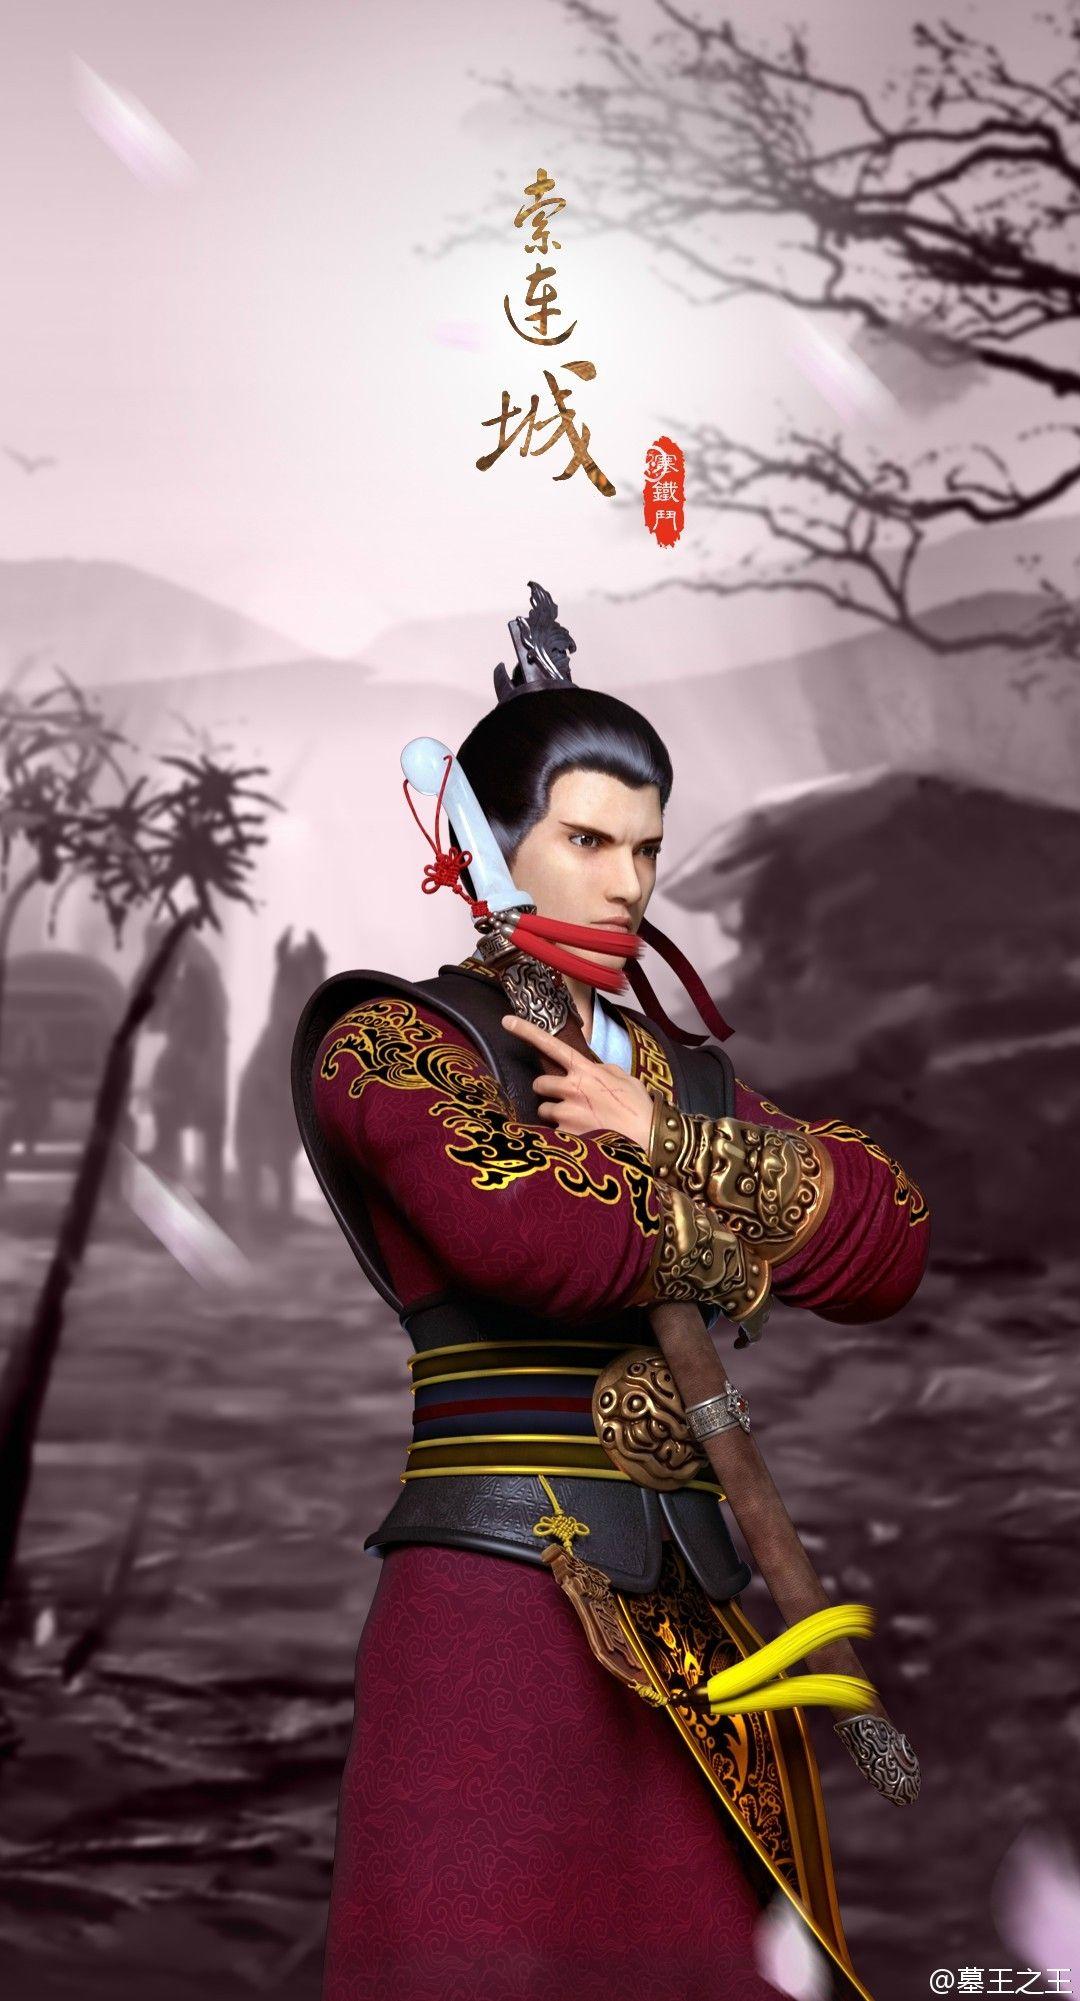 Ghim của ily zhang trên Nam Nhân Cổ Phong Hình ảnh, Phim